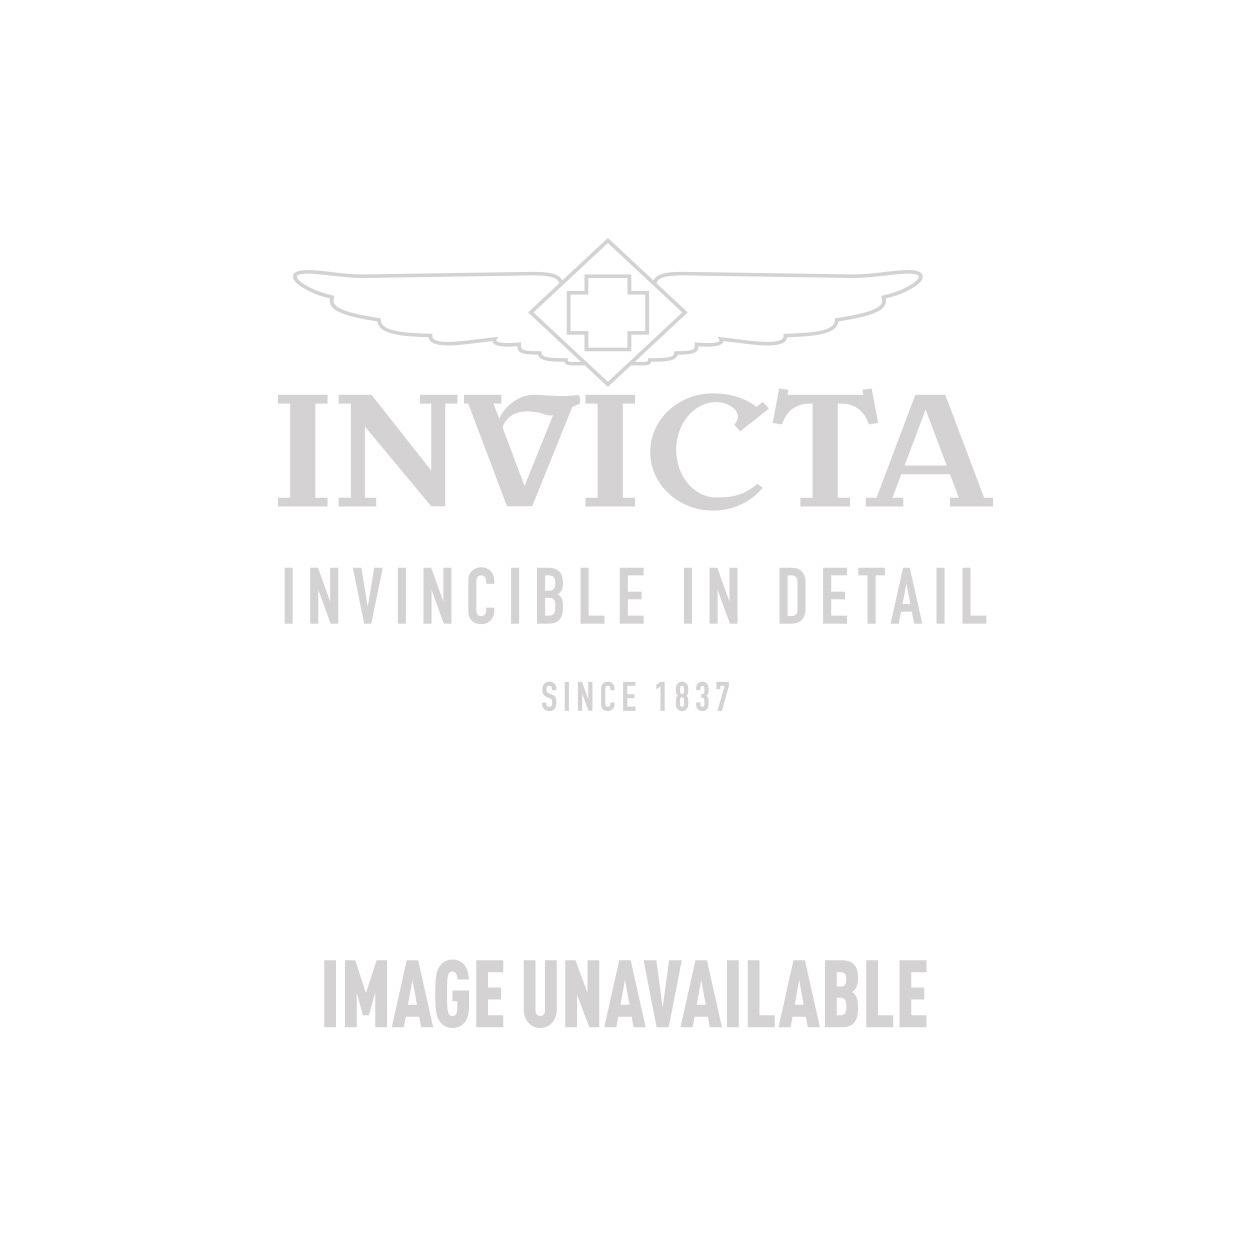 Invicta Model 27751